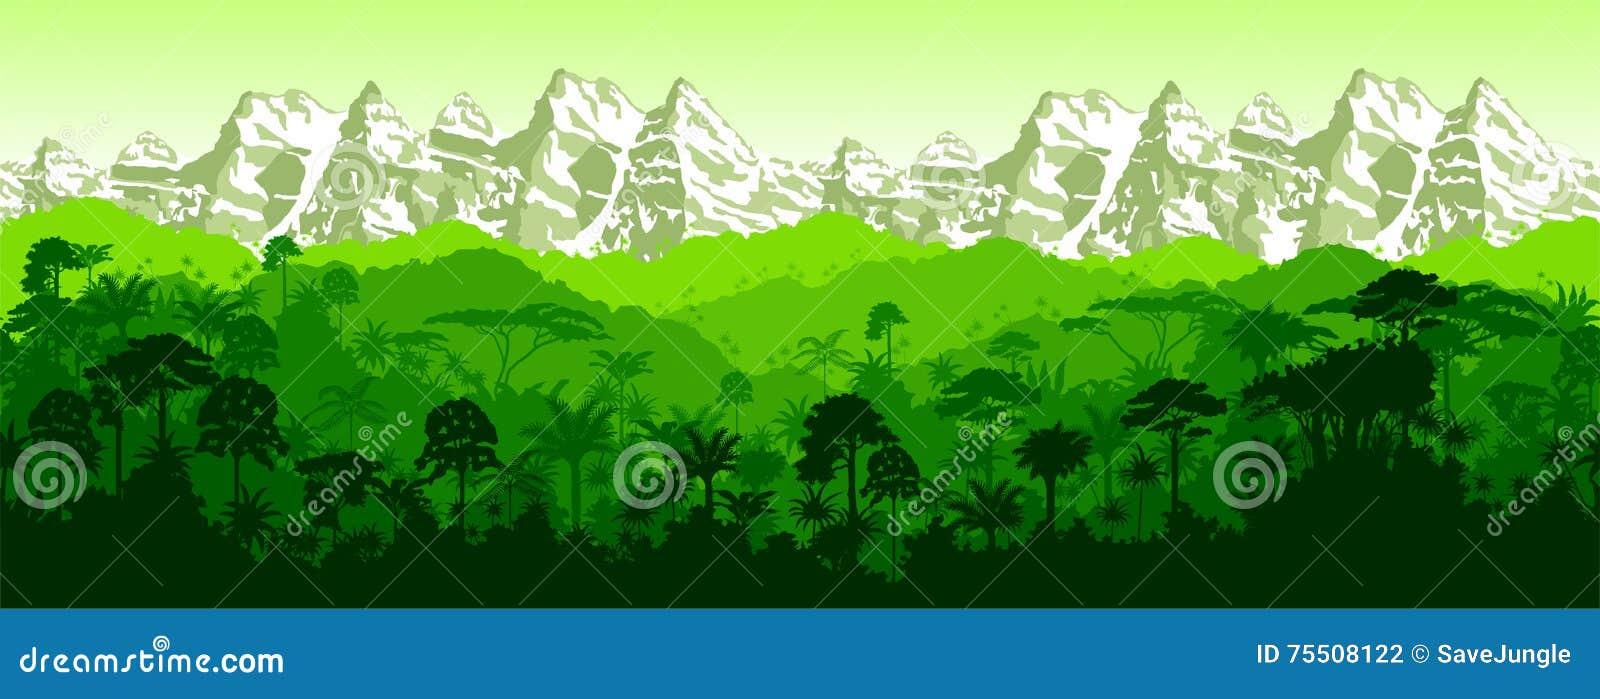 Fundo tropical sem emenda horizontal das montanhas da floresta úmida do vetor